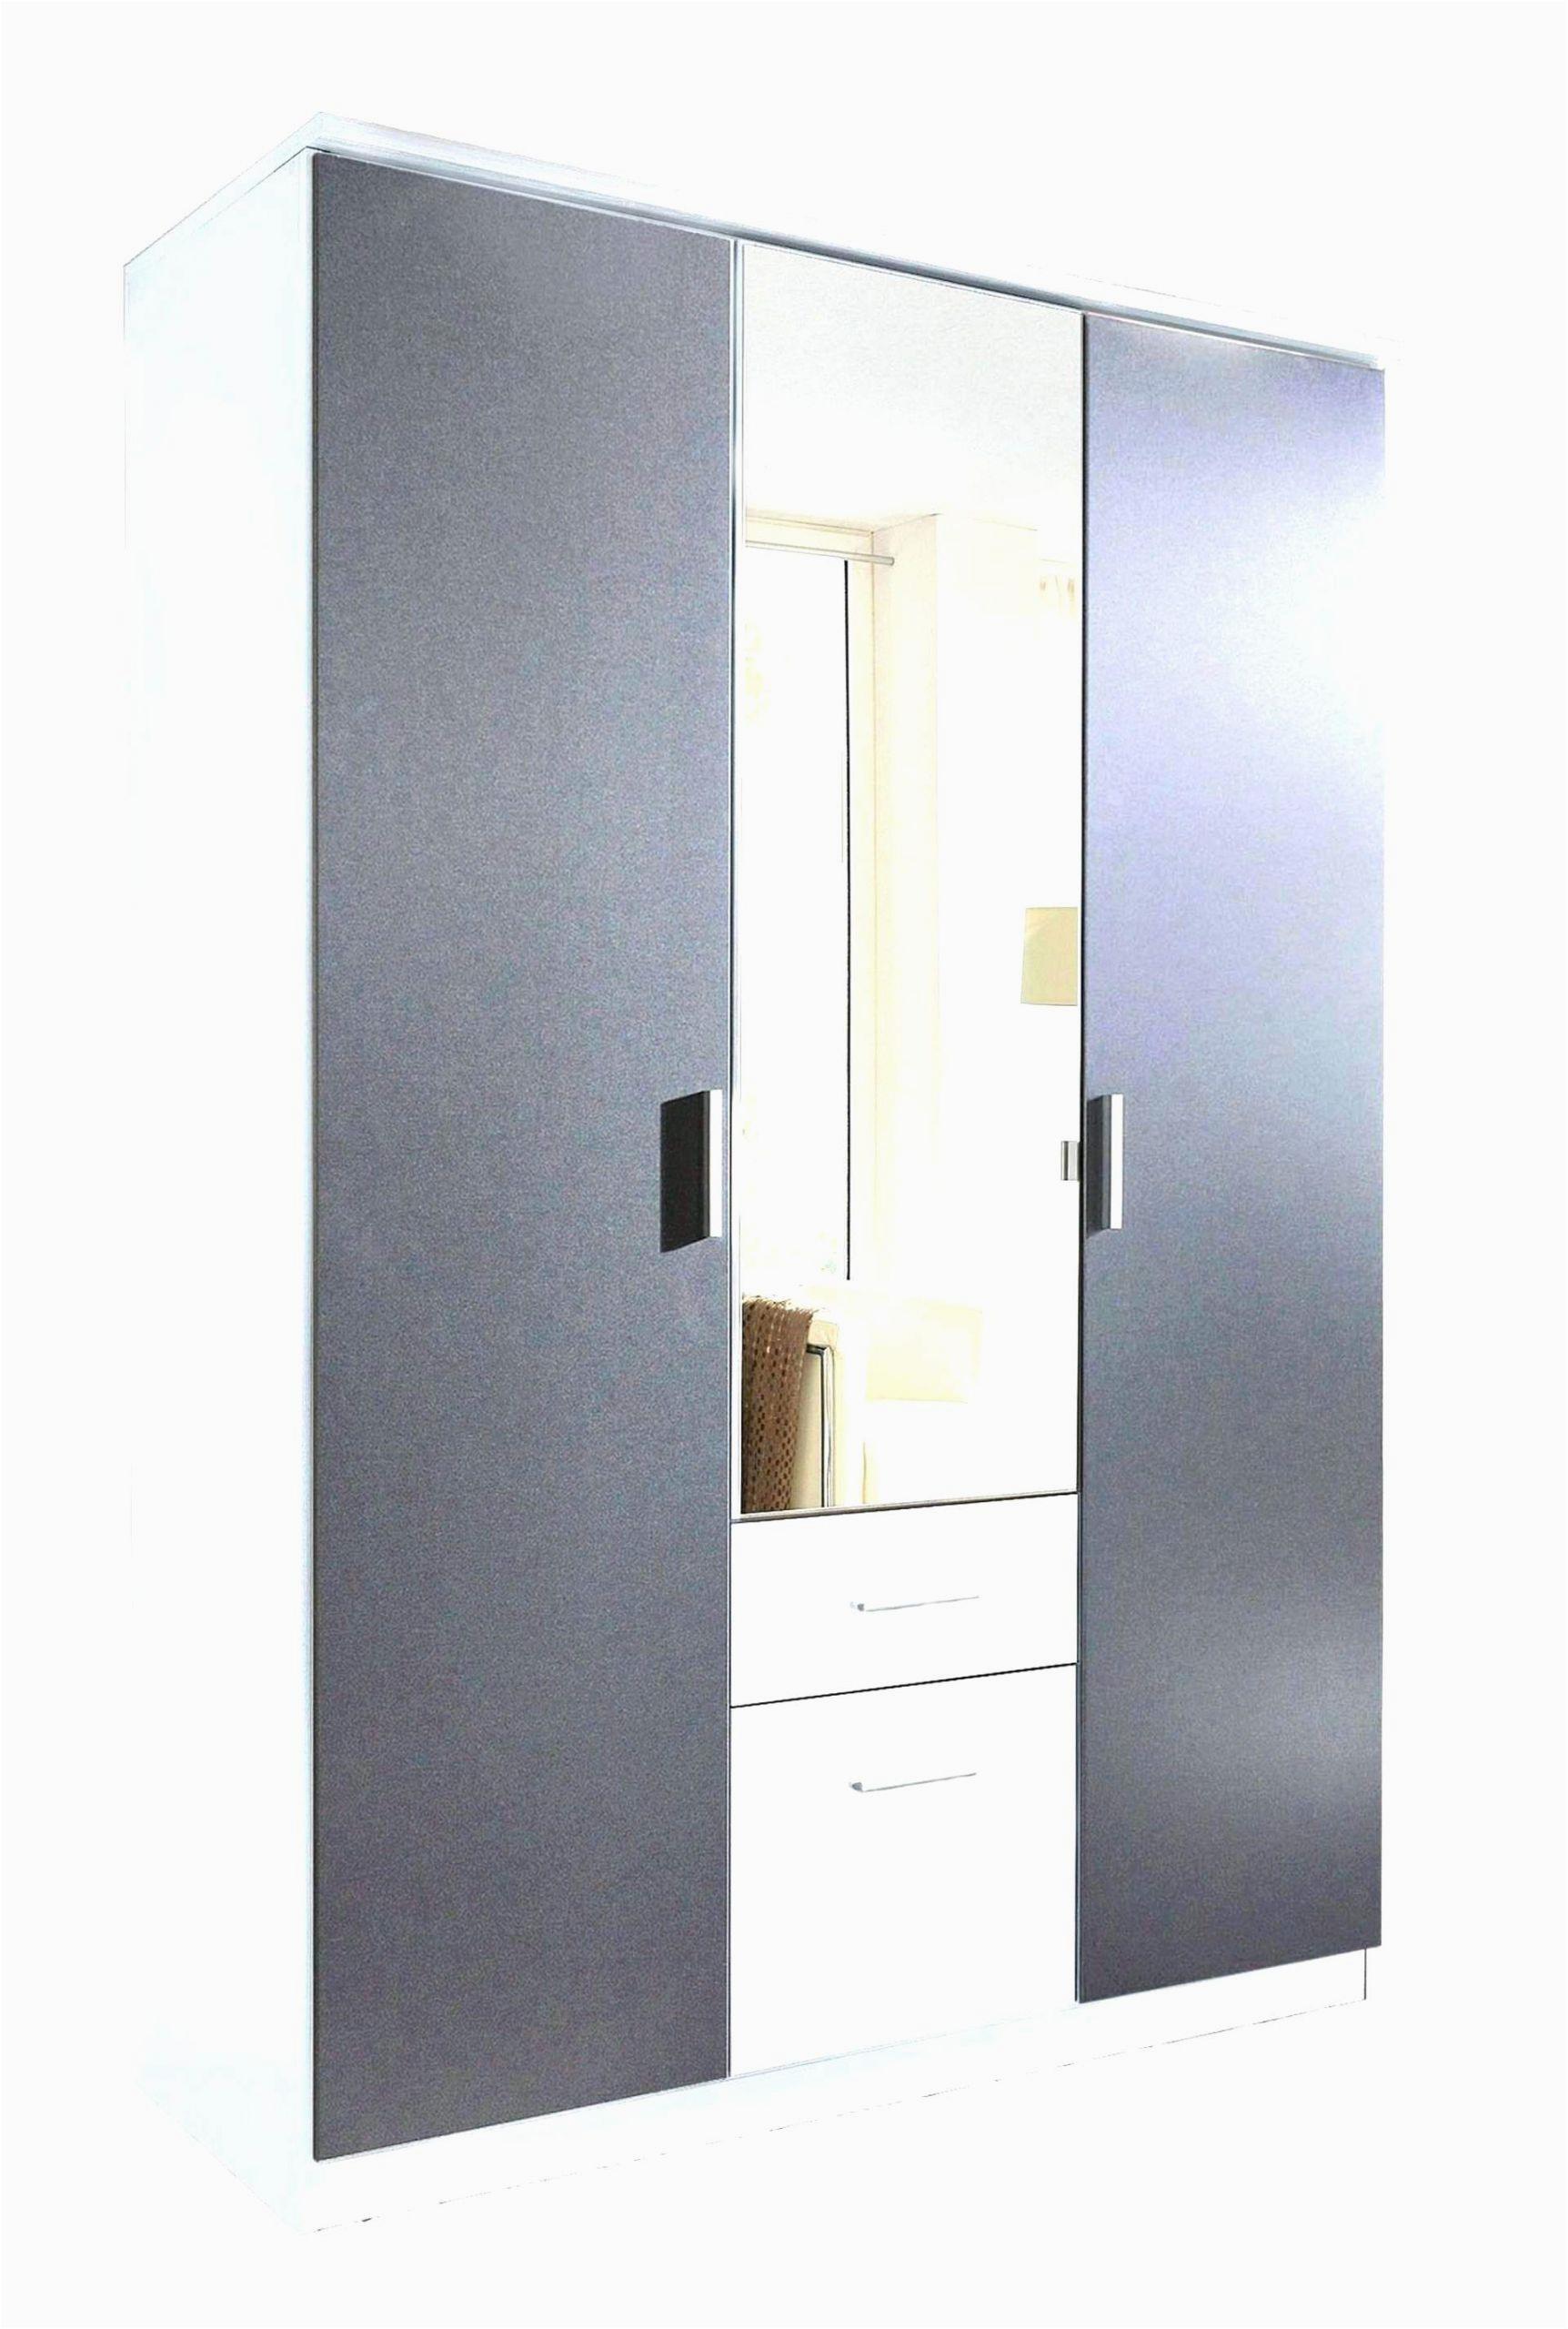 eckschranke wohnzimmer elegant eckschrank schlafzimmer ikea of eckschranke wohnzimmer scaled